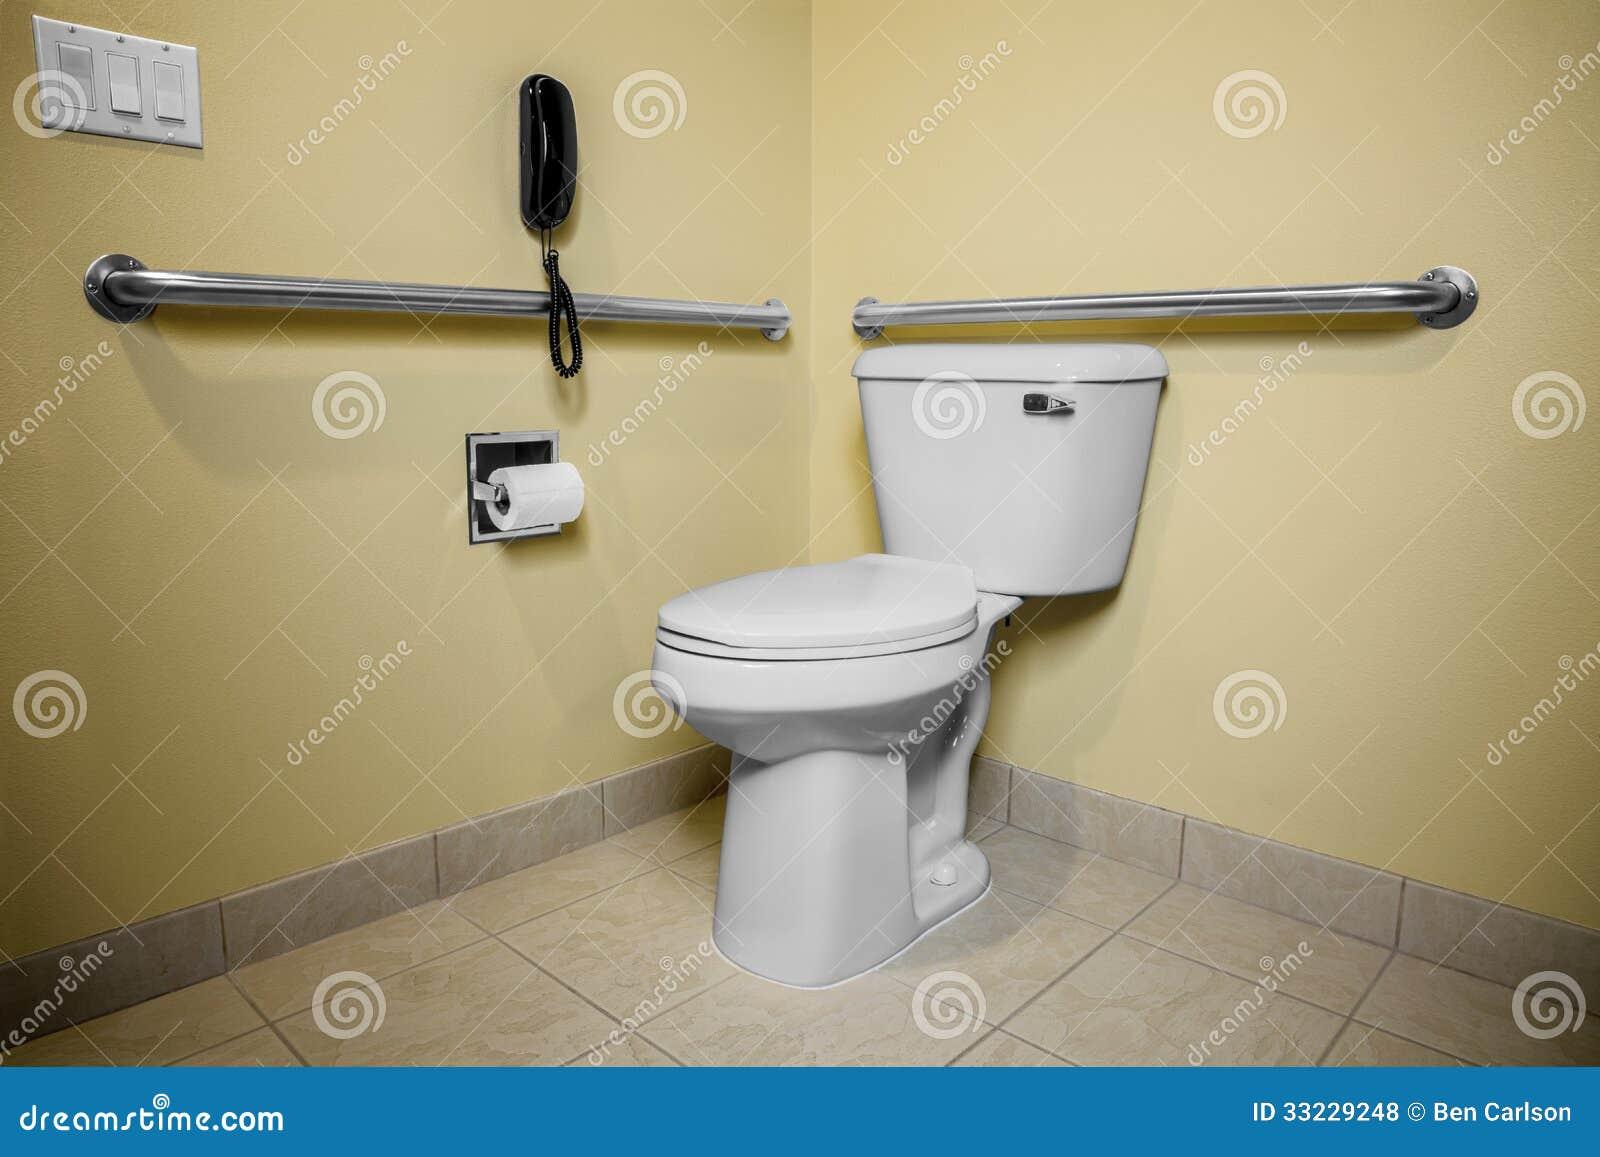 t l phone de toilette d 39 handicap photos libres de droits image 33229248. Black Bedroom Furniture Sets. Home Design Ideas